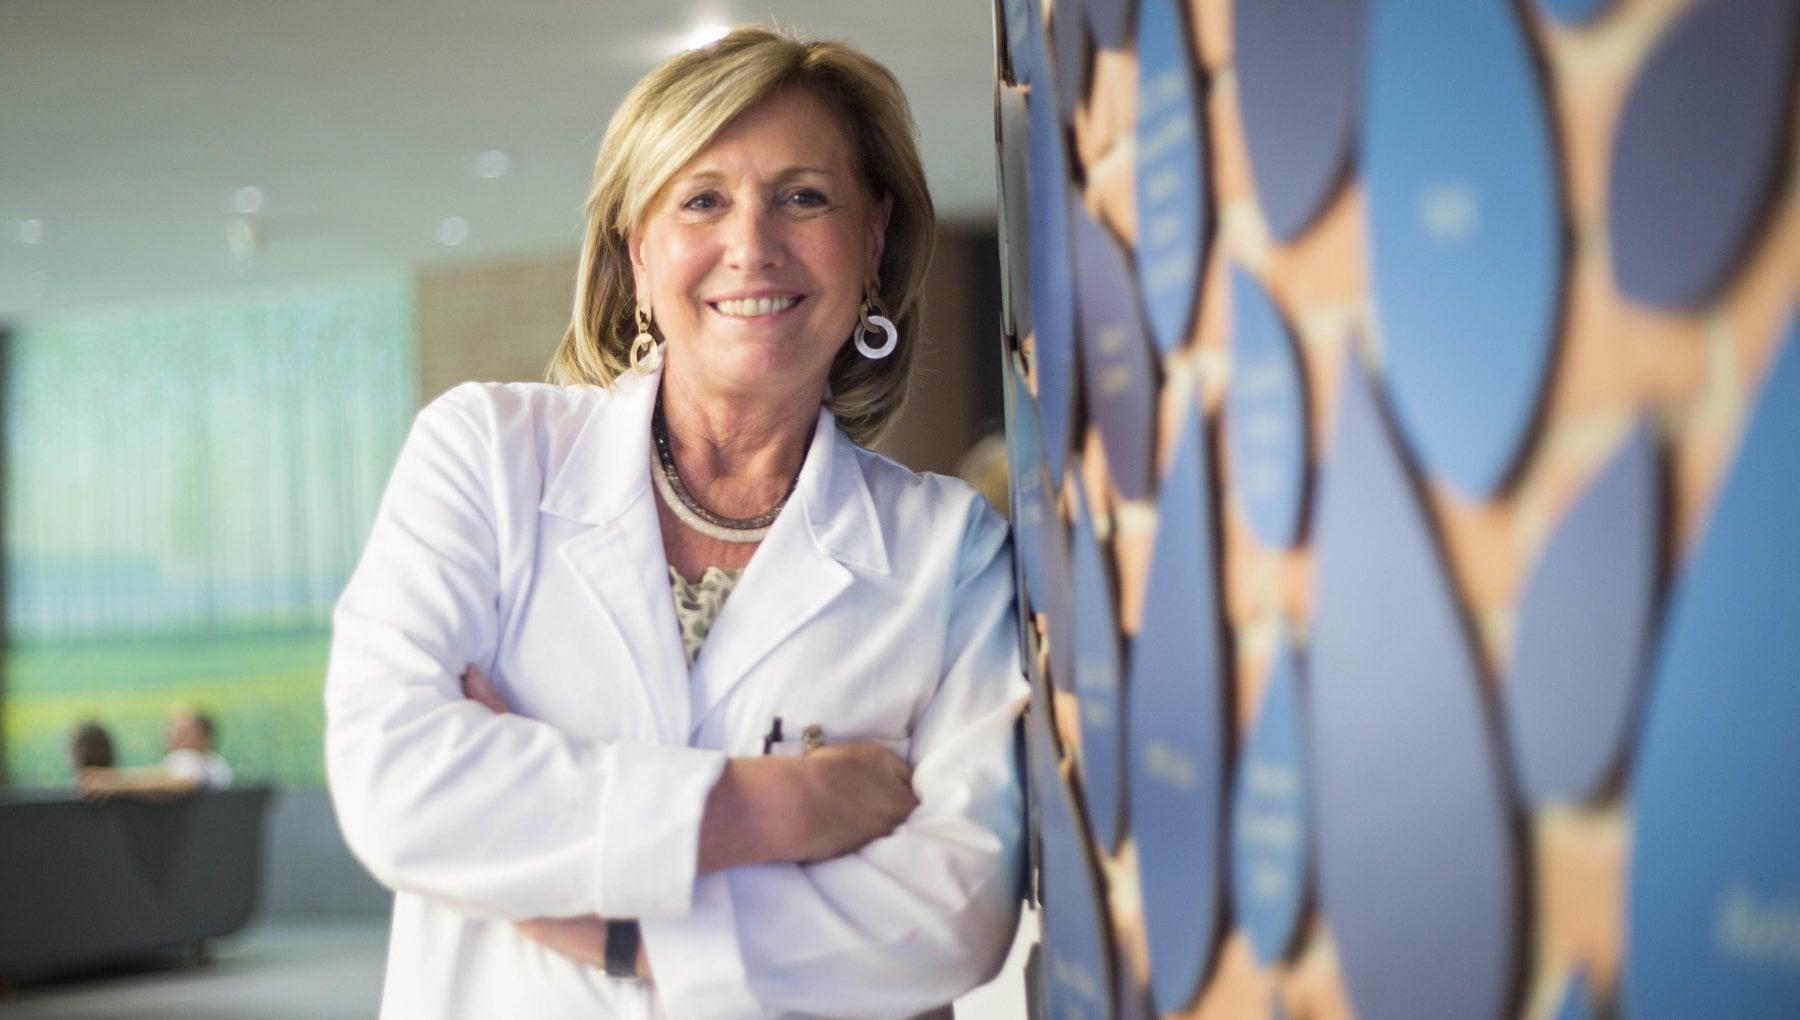 """185726417 baa4be4a 5df9 4470 b26c 5954a731e603 - L'oncologa Nicoletta Colombo: """"Ho curato migliaia di donne e le ricordo tutte"""""""